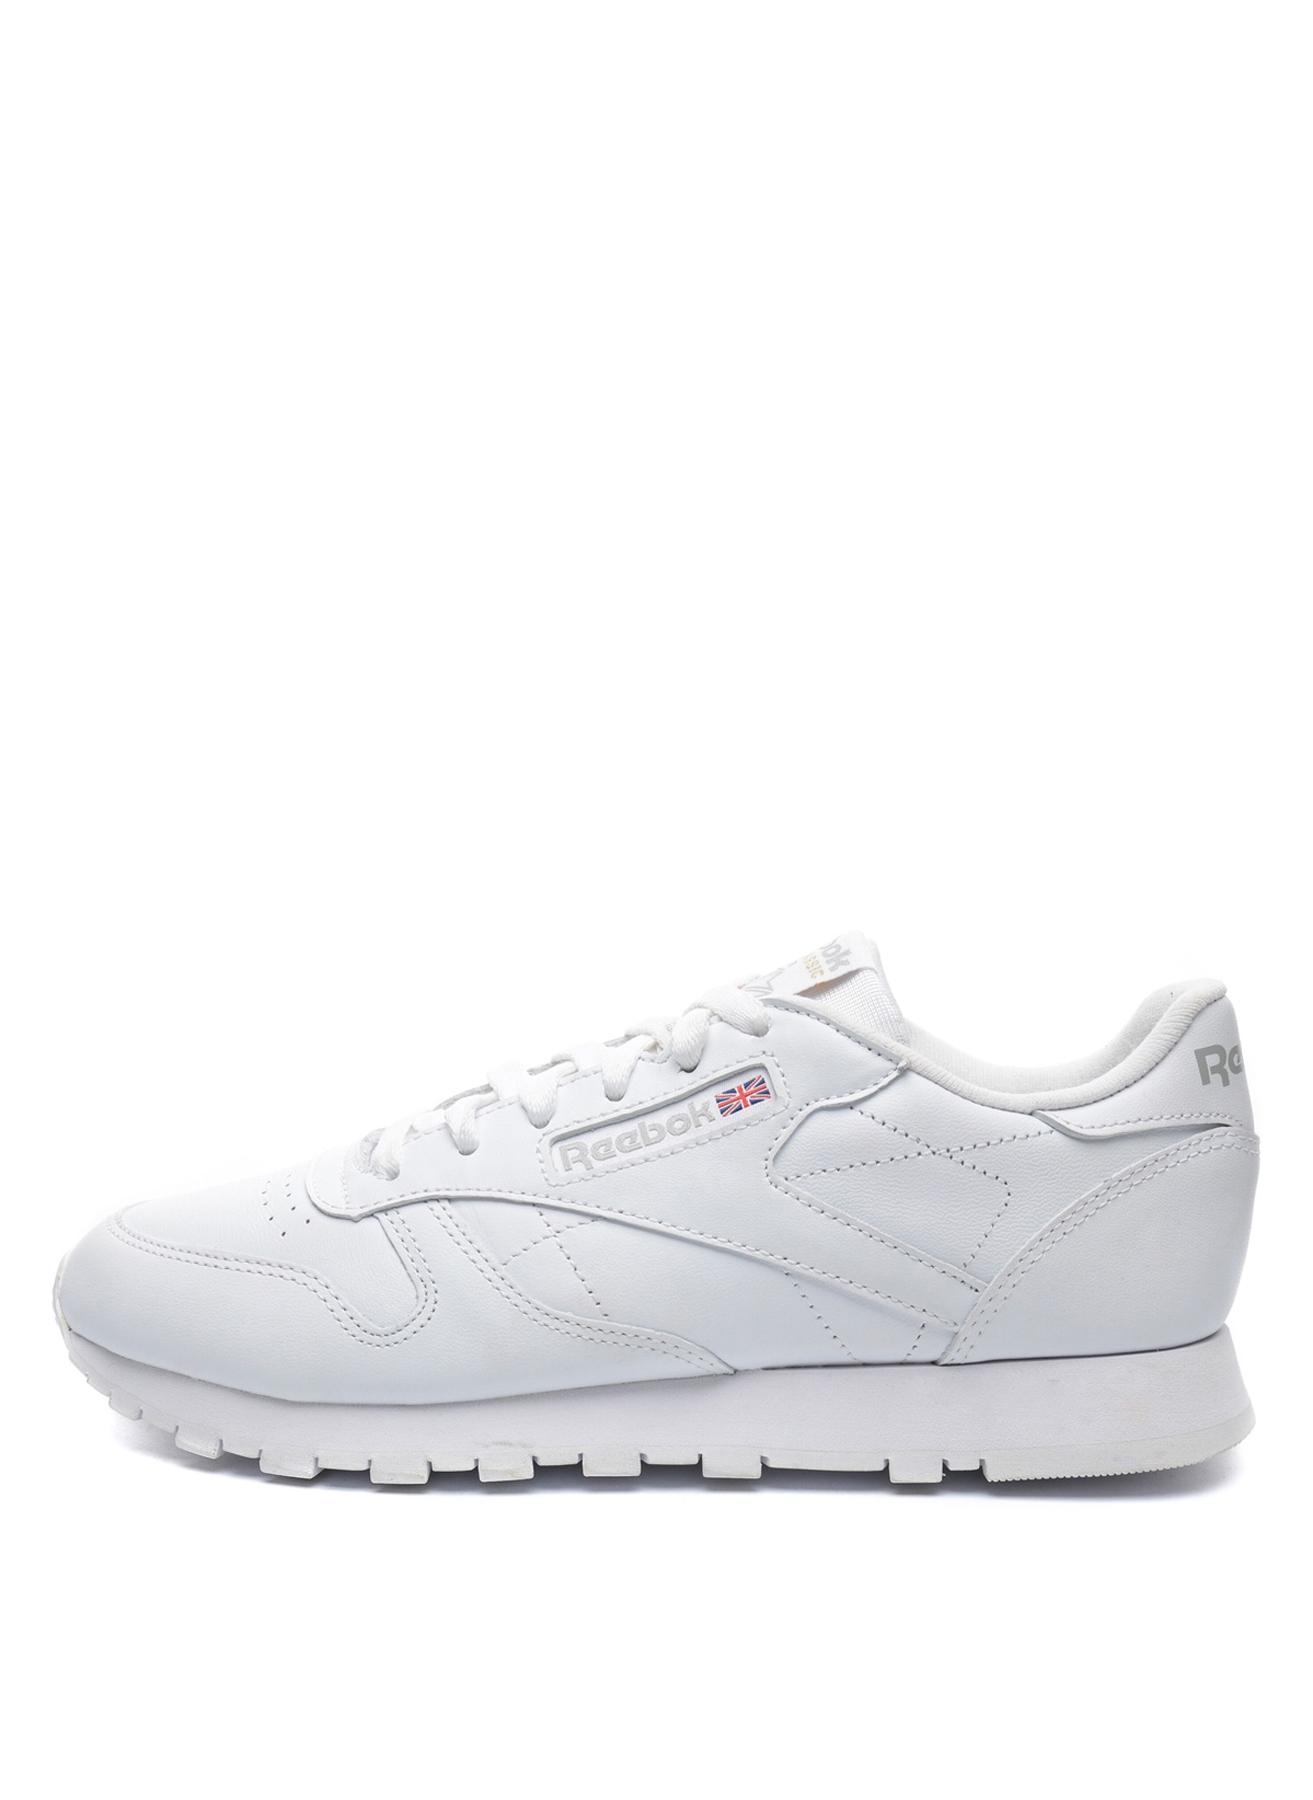 Reebok Reebok Classic Leather Koşu Ayakkabısı 38 5001909872001 Ürün Resmi